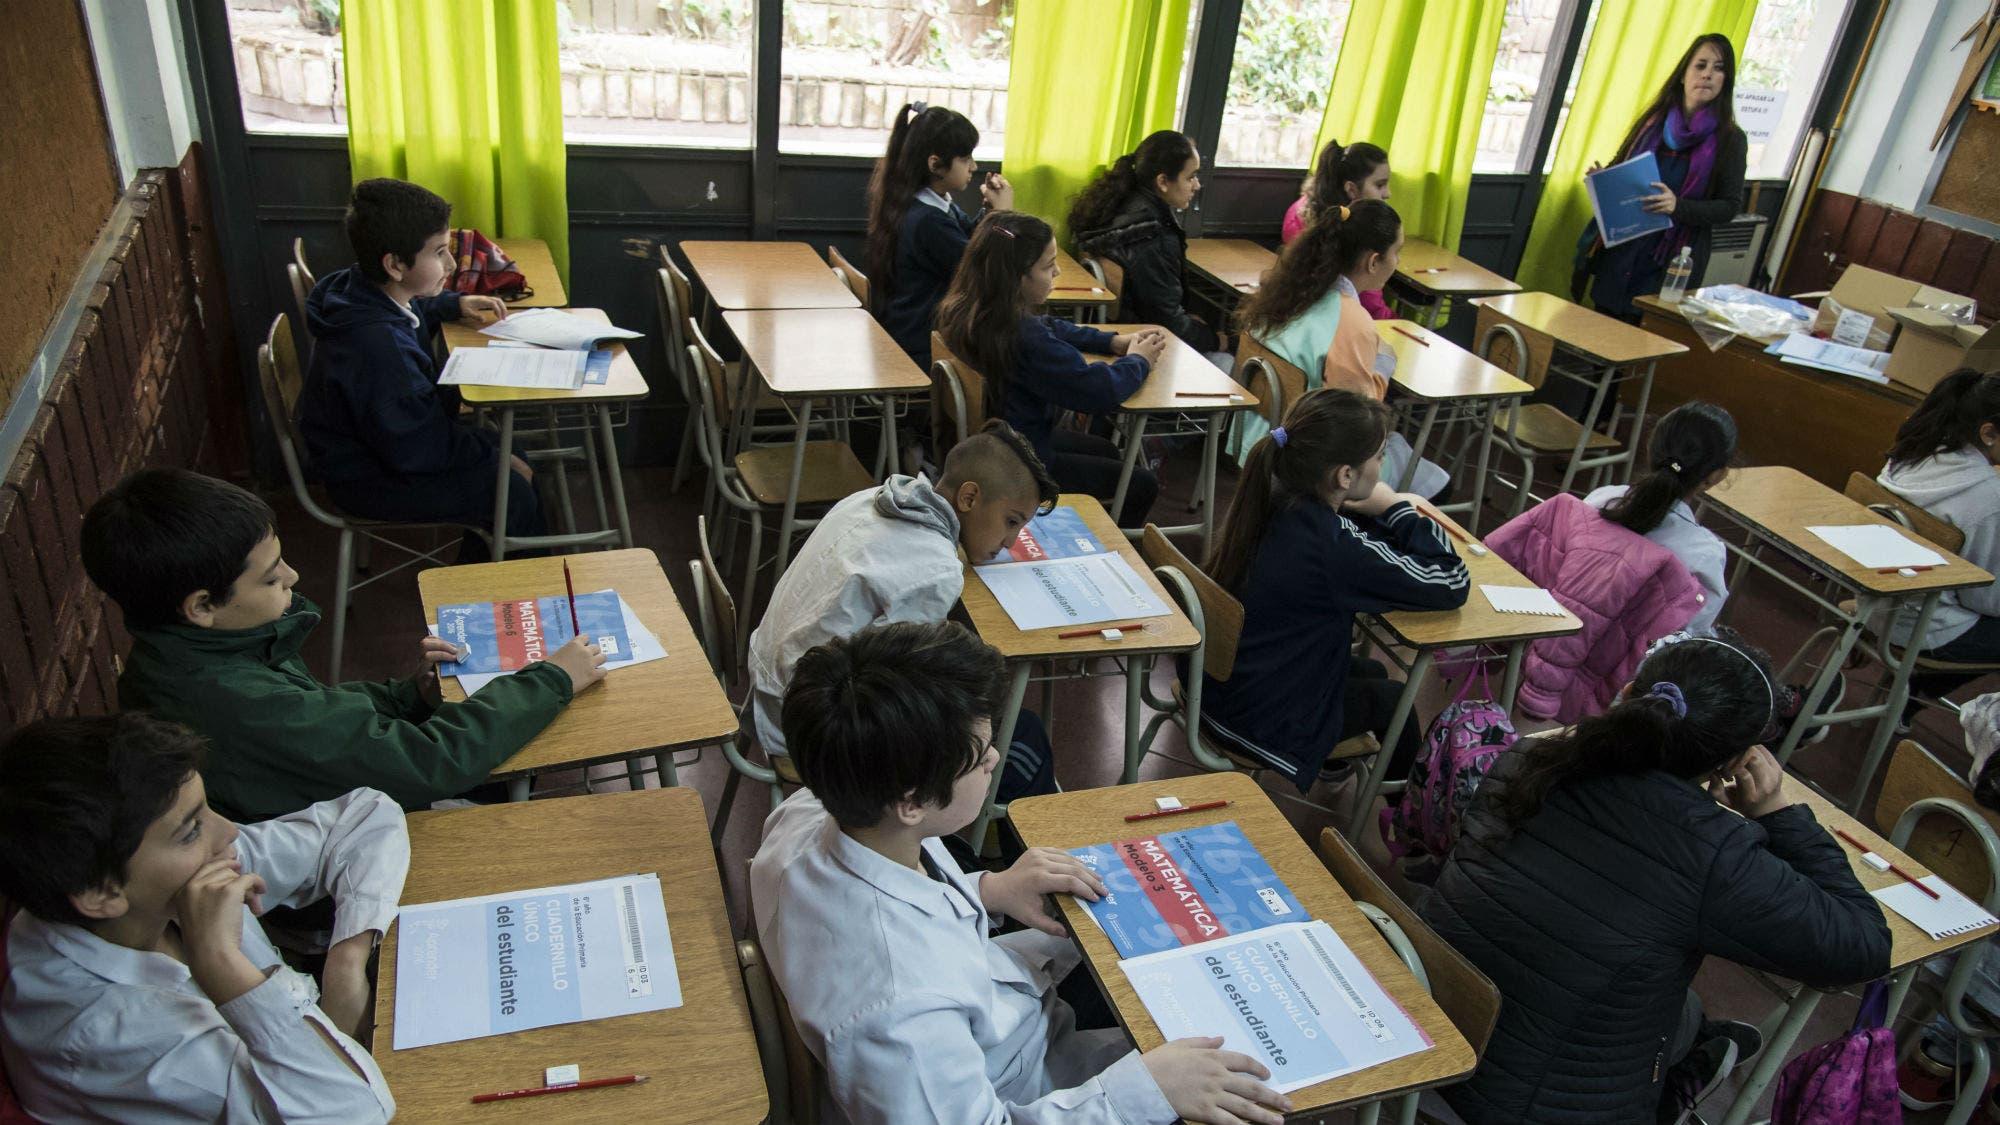 Pruebas PISA: mañana se sabrá si la Argentina está incluida en el reporte | La Nacion